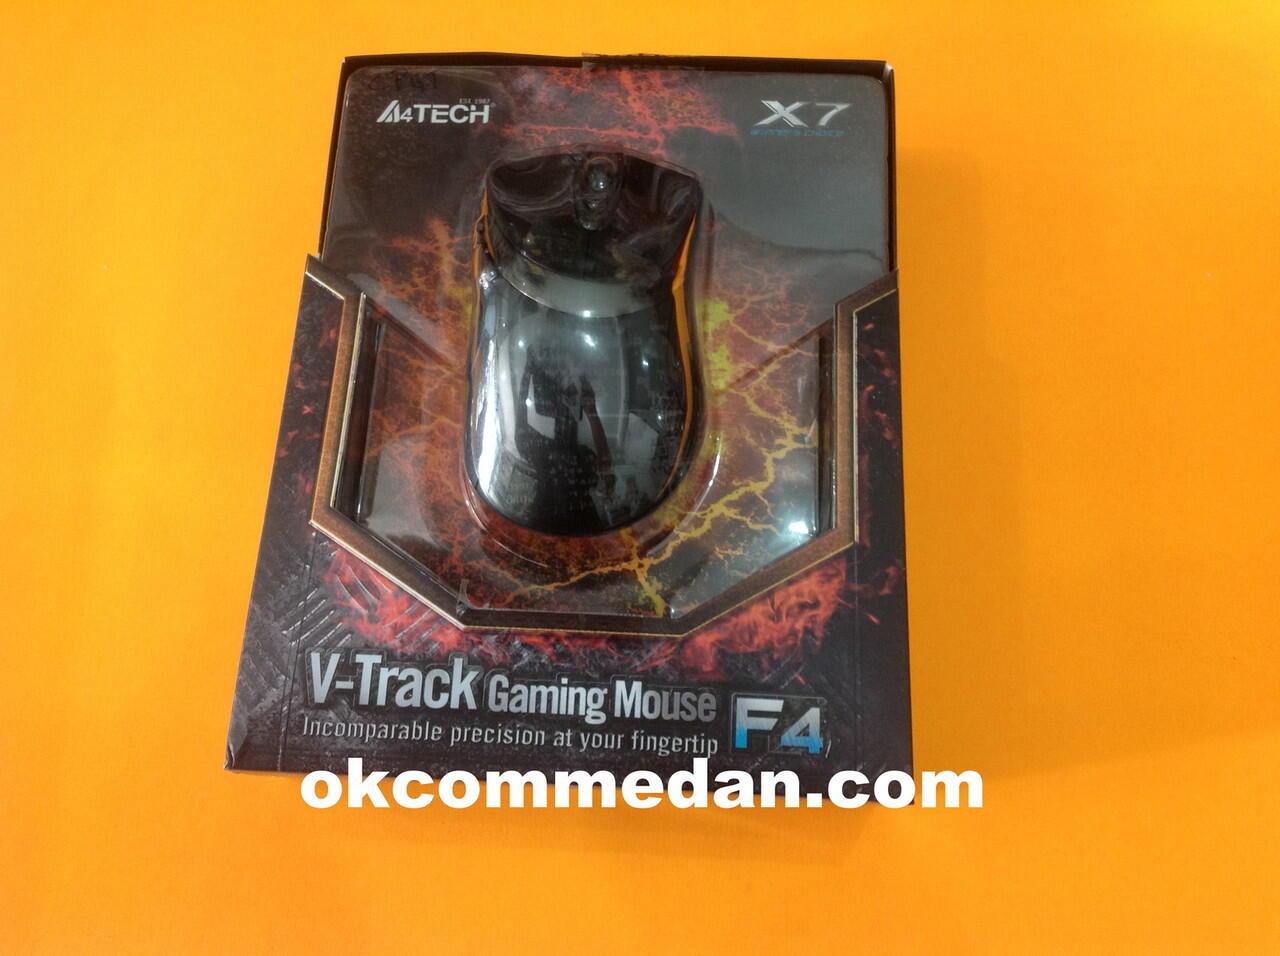 Mouse Gaming Macro A4Tech X7-F4 Murah